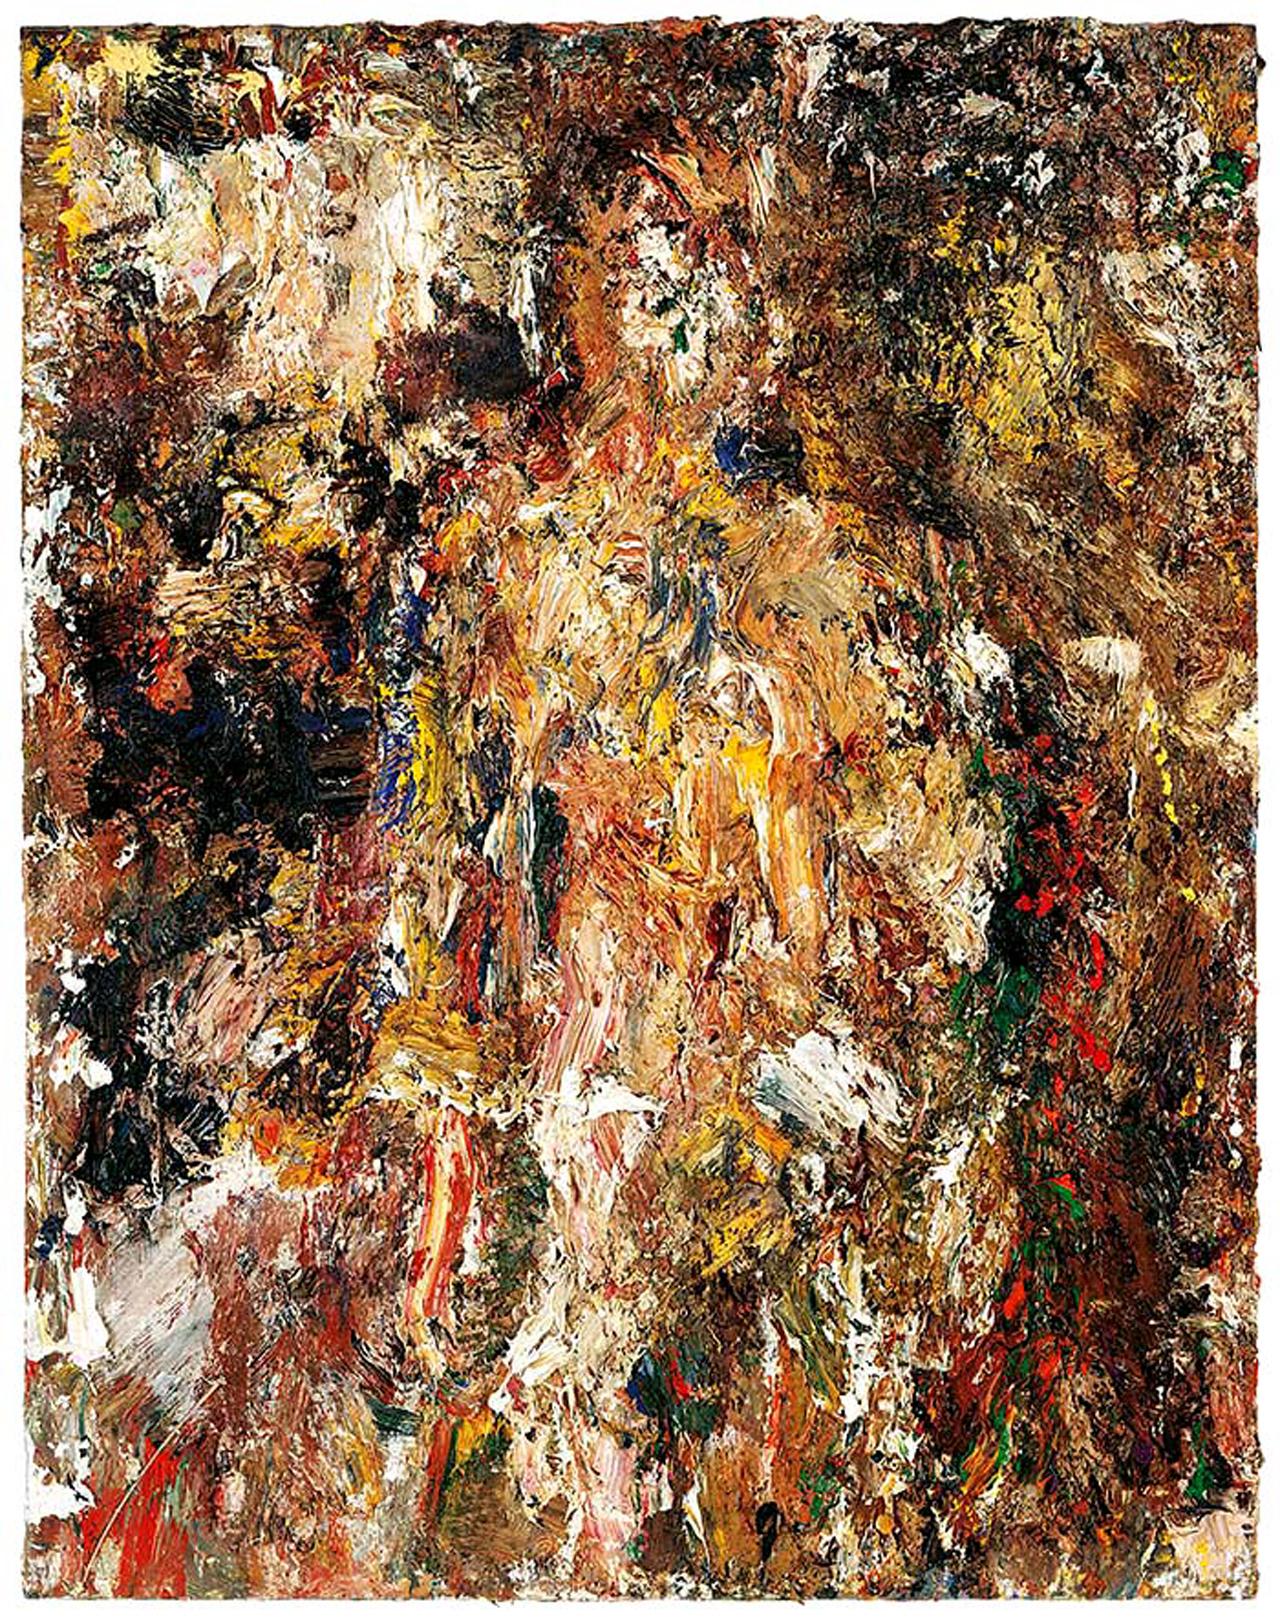 Eugène Leroy, Le long été, 1991, Öl auf Leinwand, 145 x 114 cm